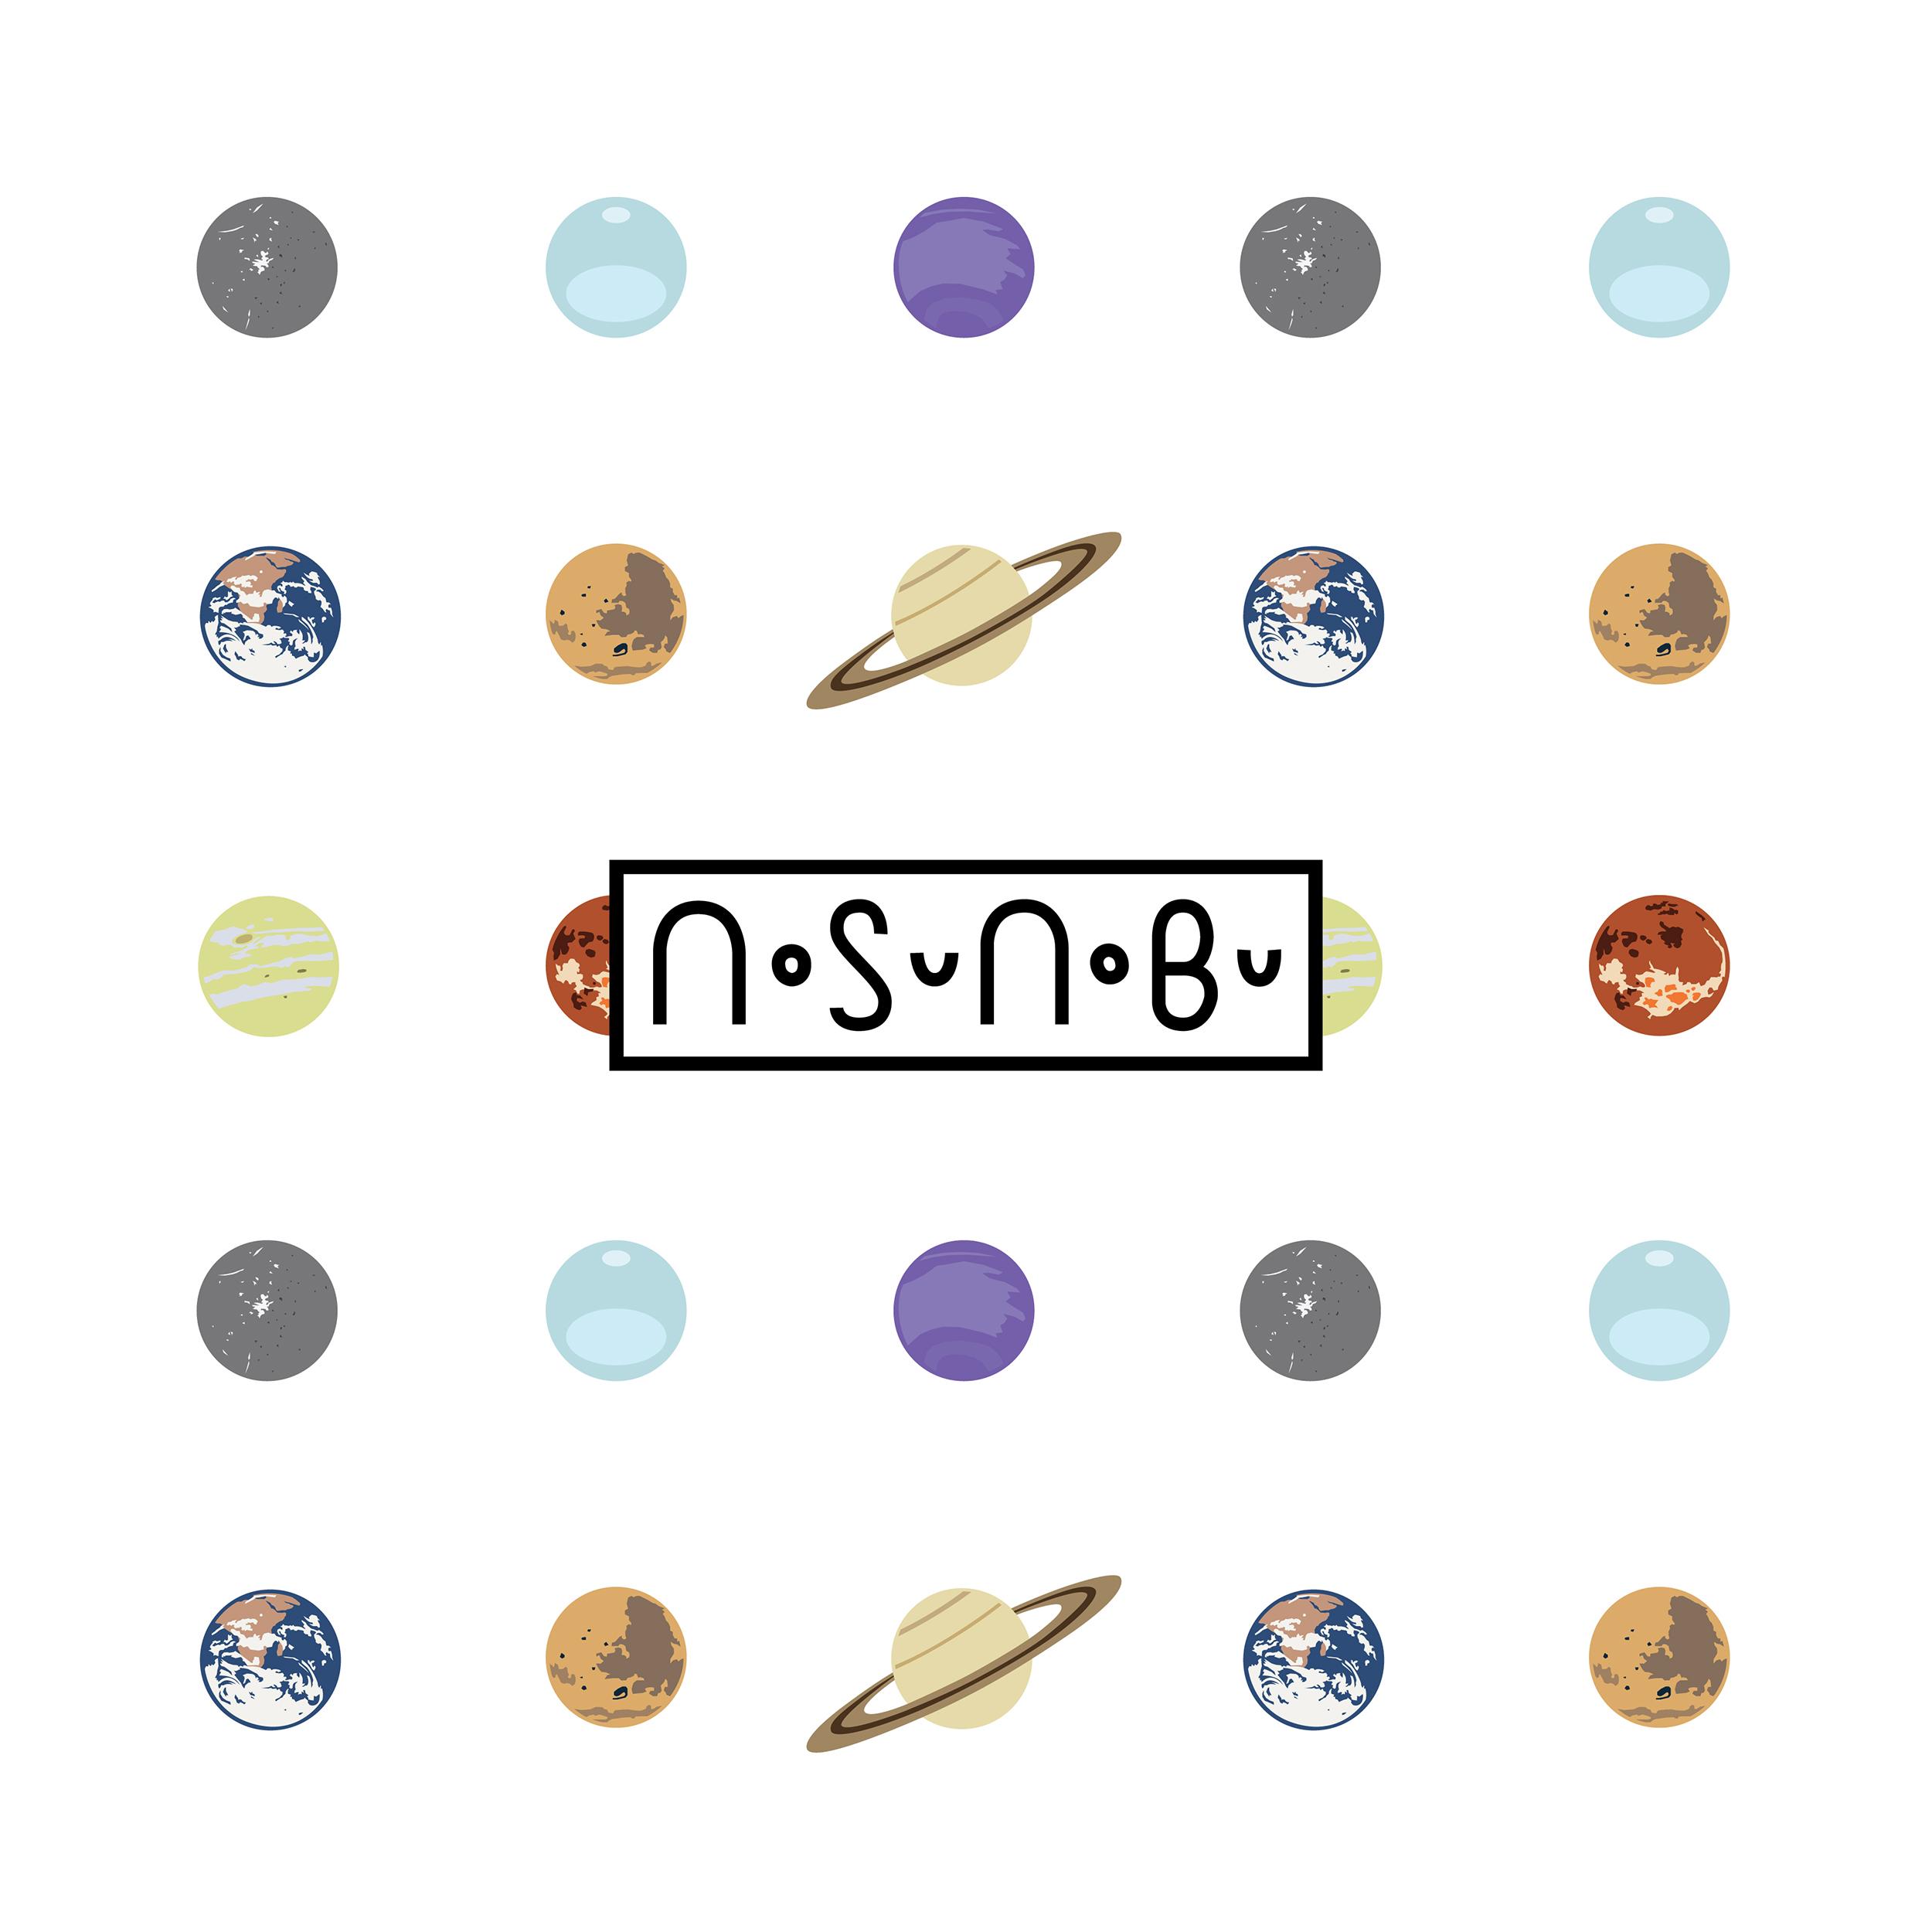 NosunobuArtwork-01.jpg